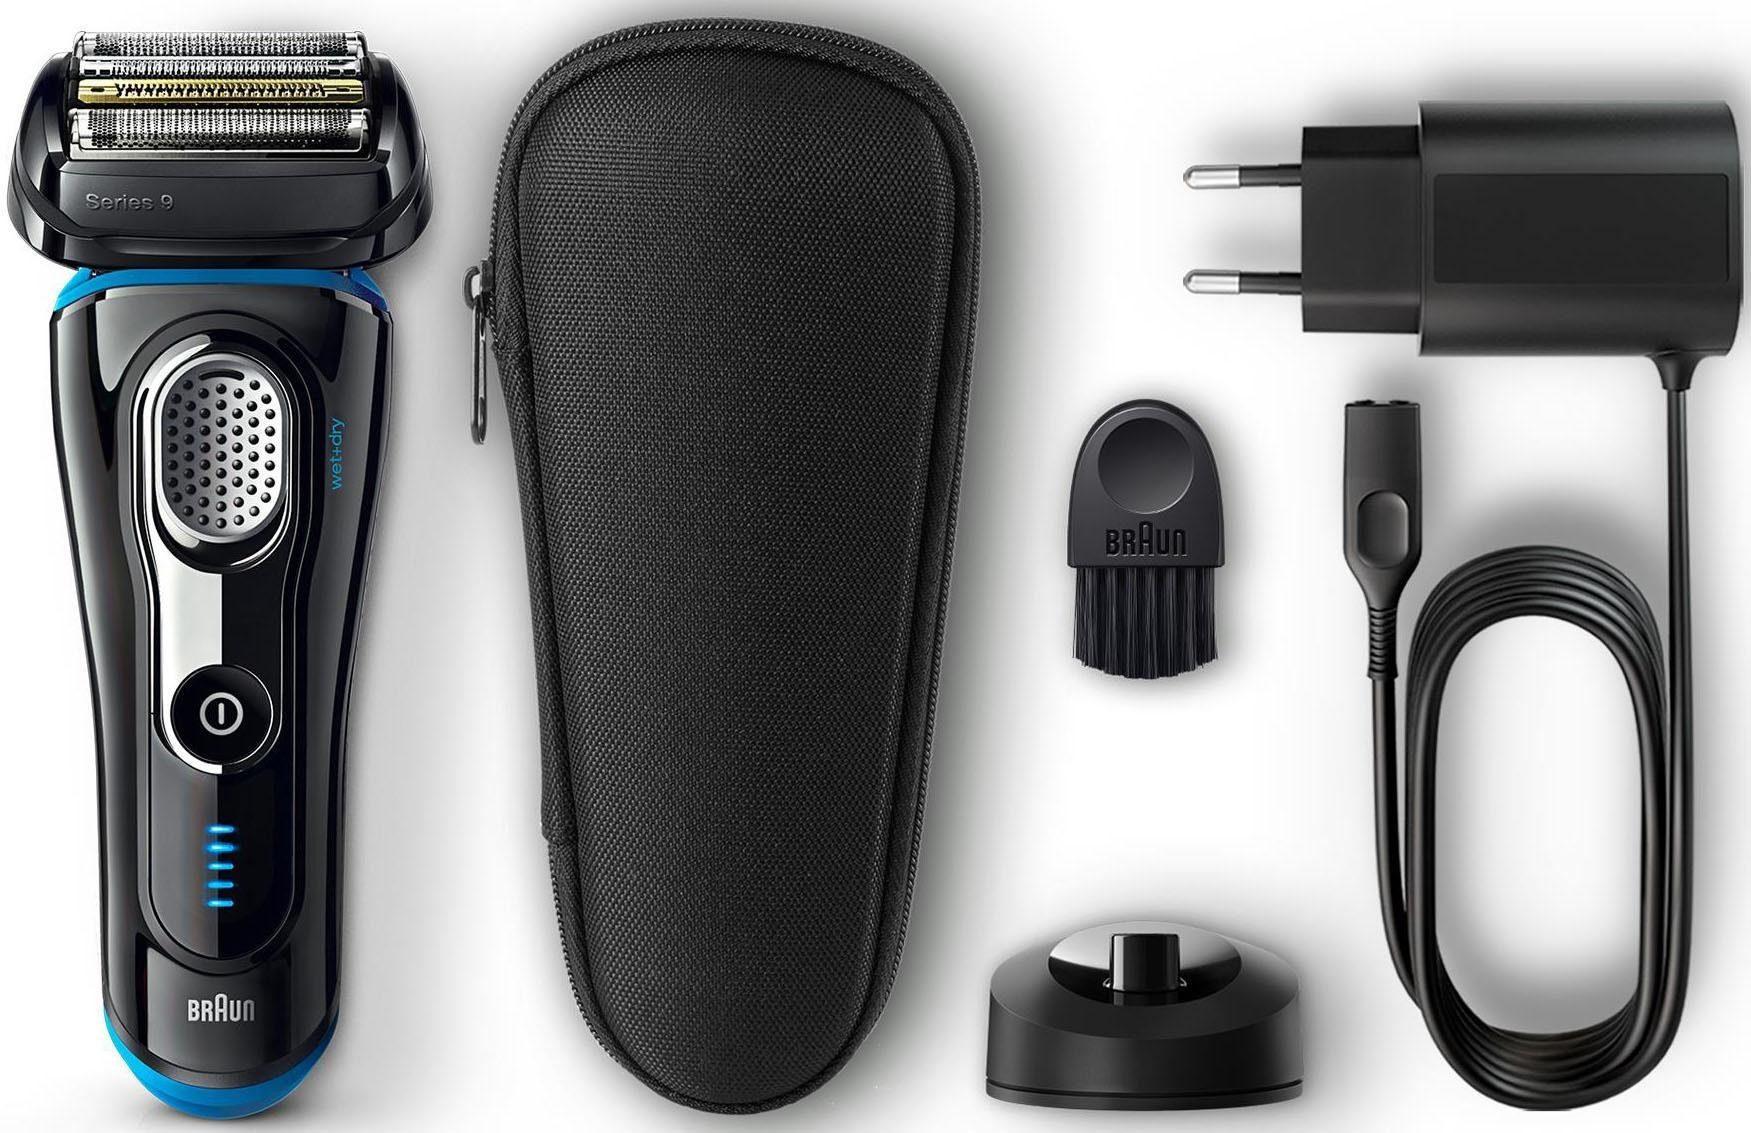 Braun Elektrorasierer Series 9 9240s, SmartClick-Präzisionstrimmer, mit Ladestation und Reise- Etui, Wet&Dry